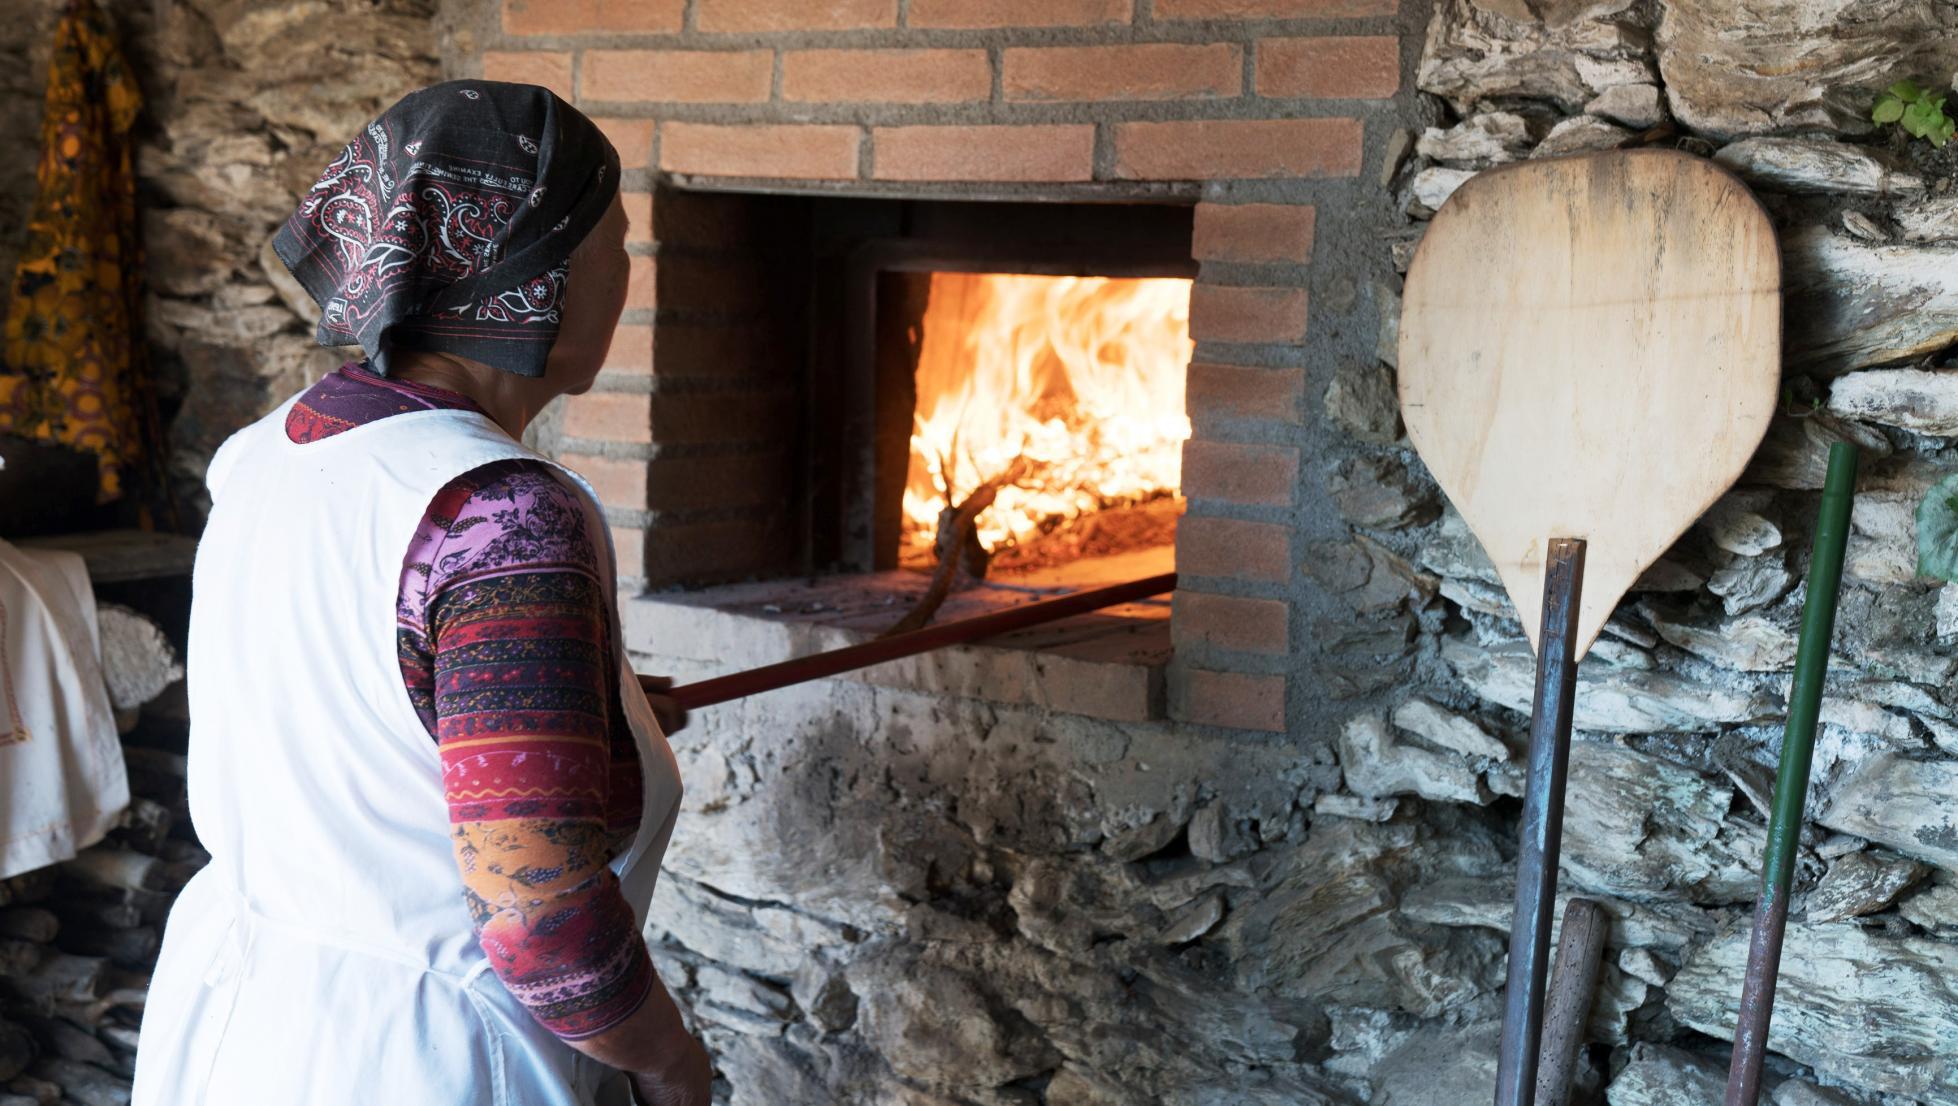 Autunno in Barbagia - Tonara - panificazione al forno tradizionale